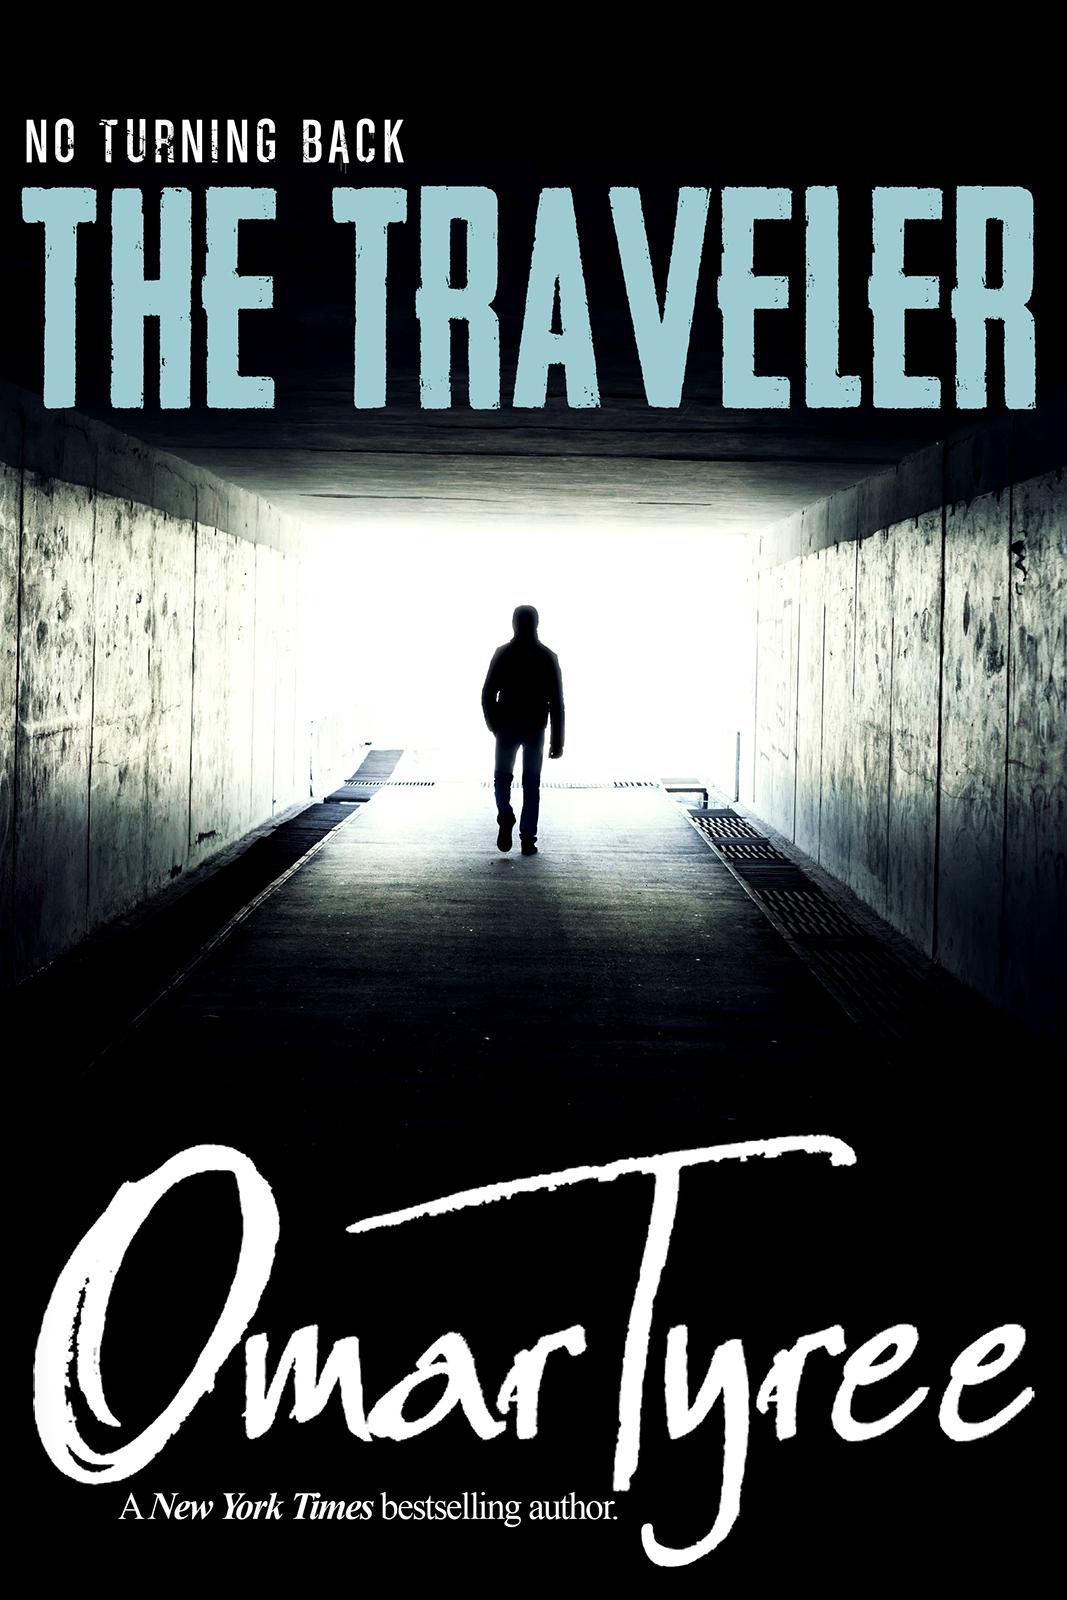 The Traveler: No Turning Back